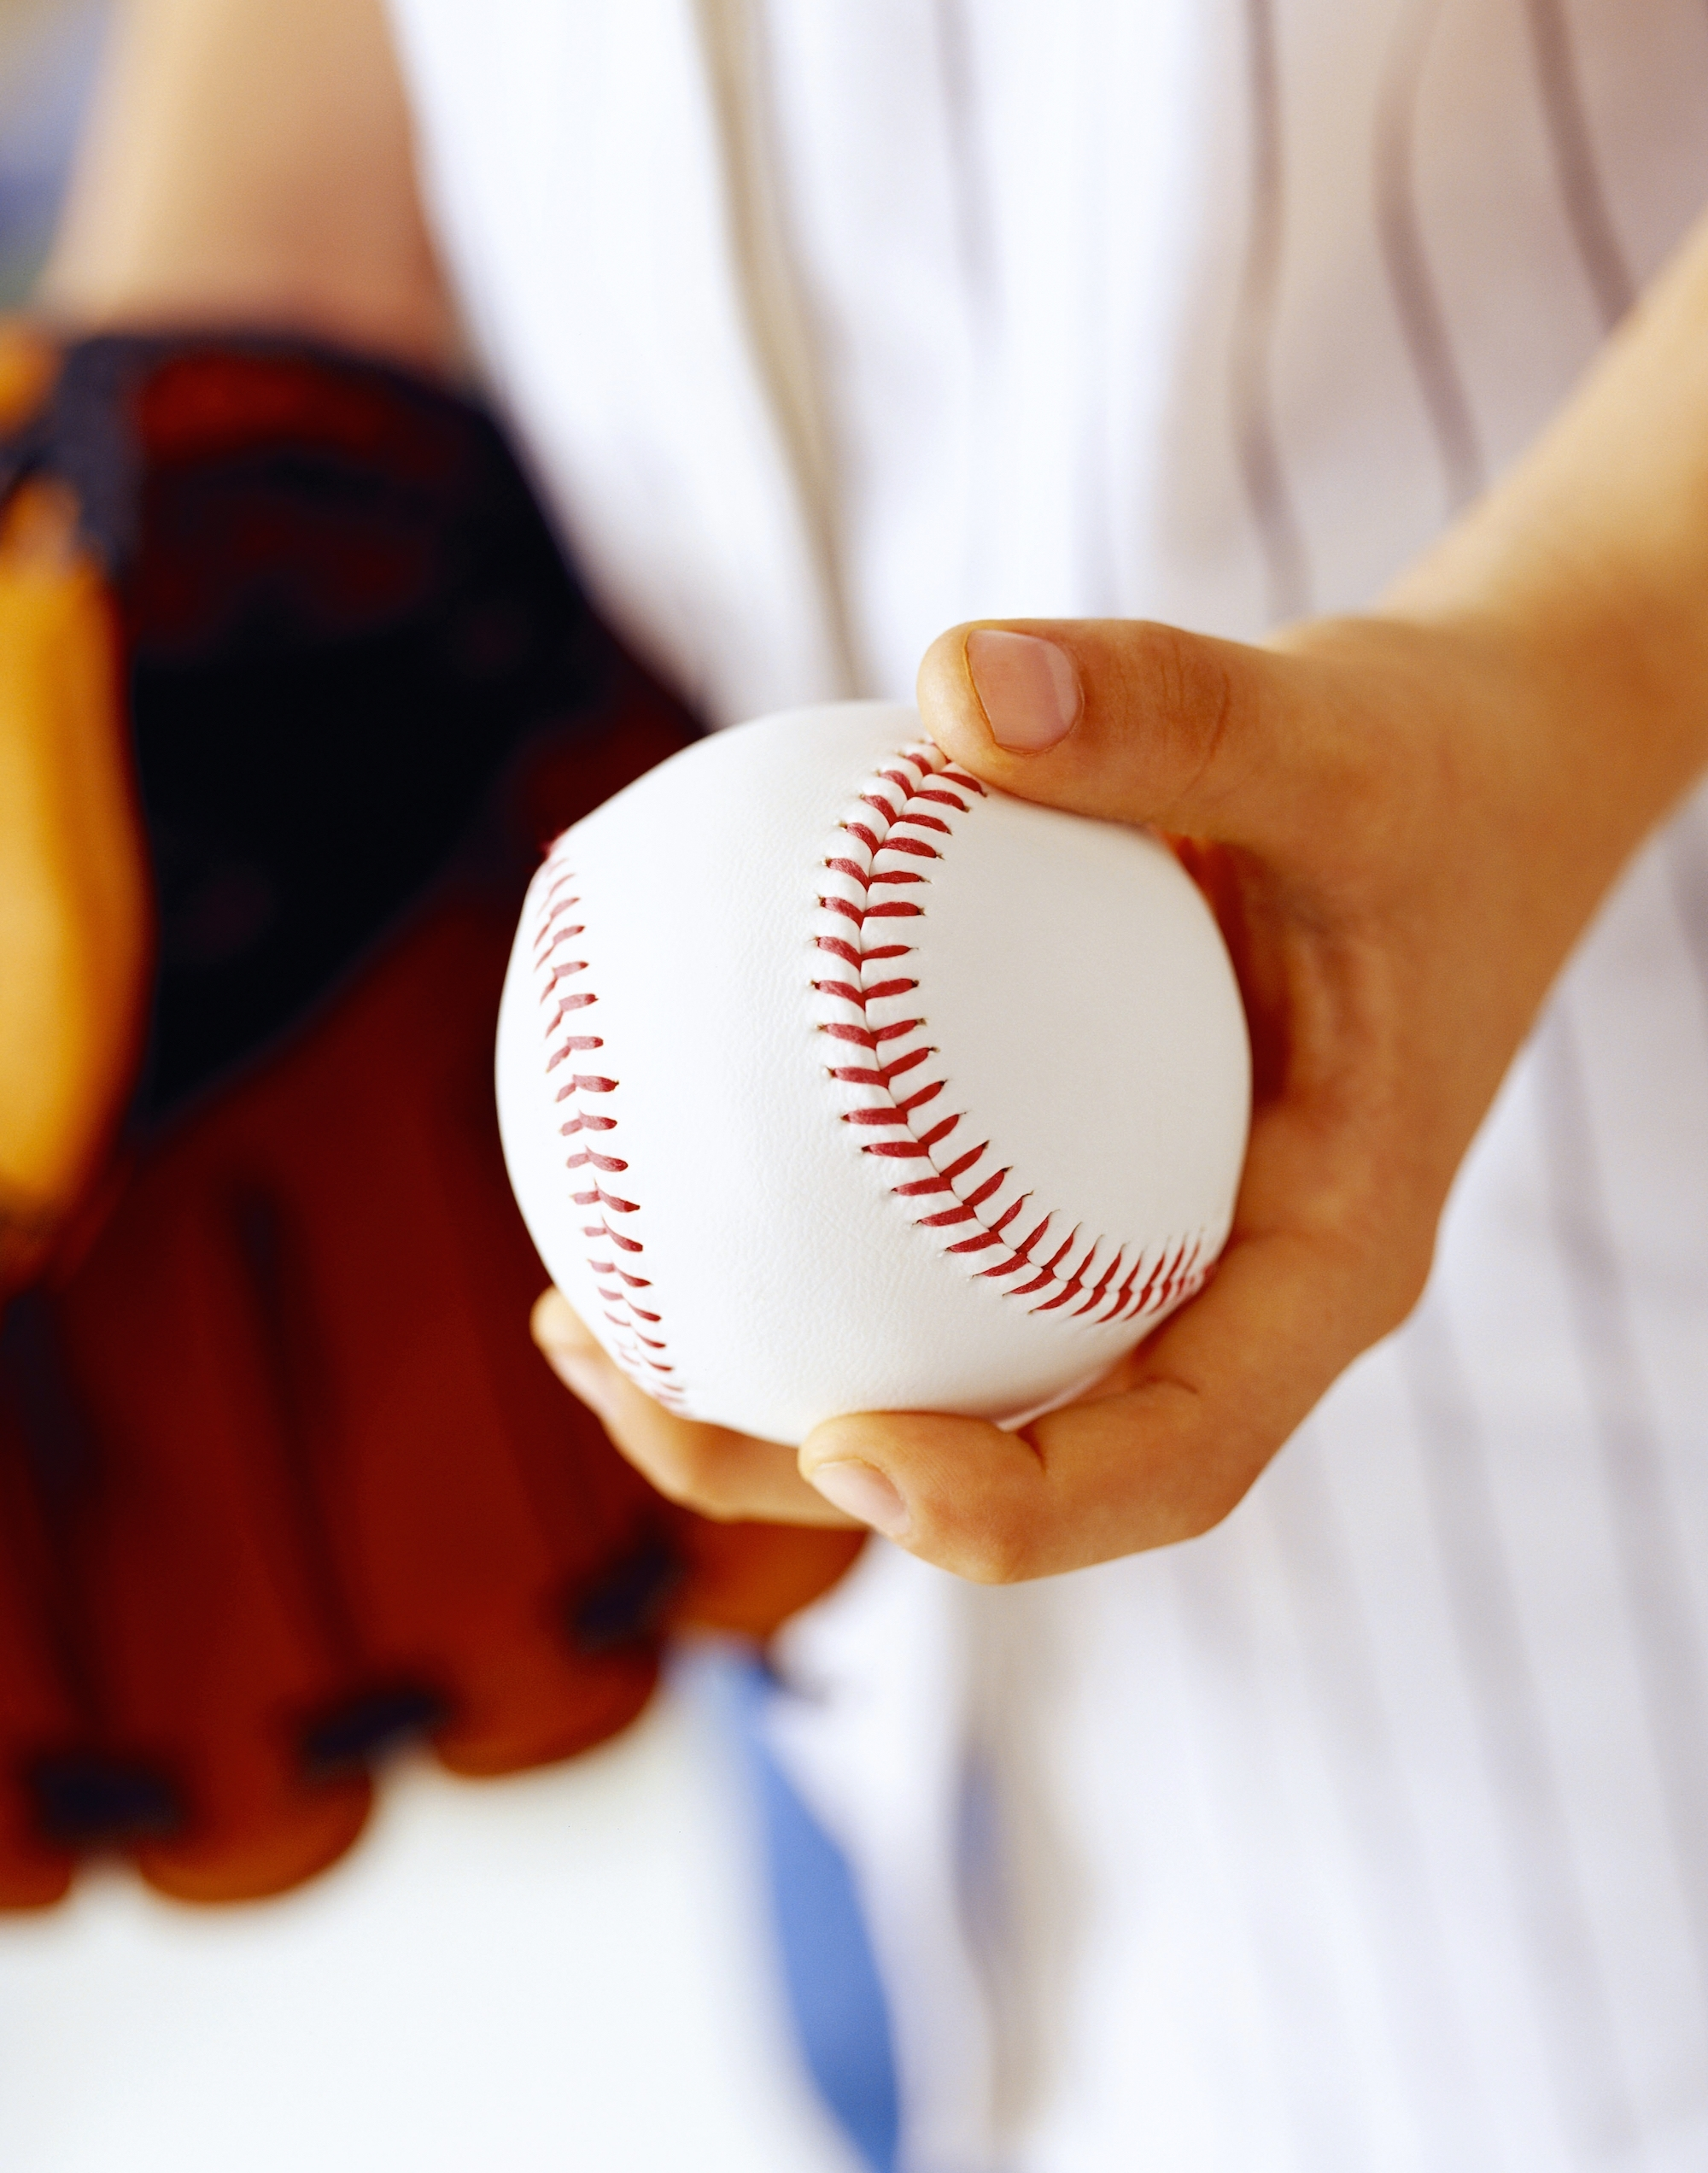 29eaf48e795ff22b529f_Baseball_3.jpg